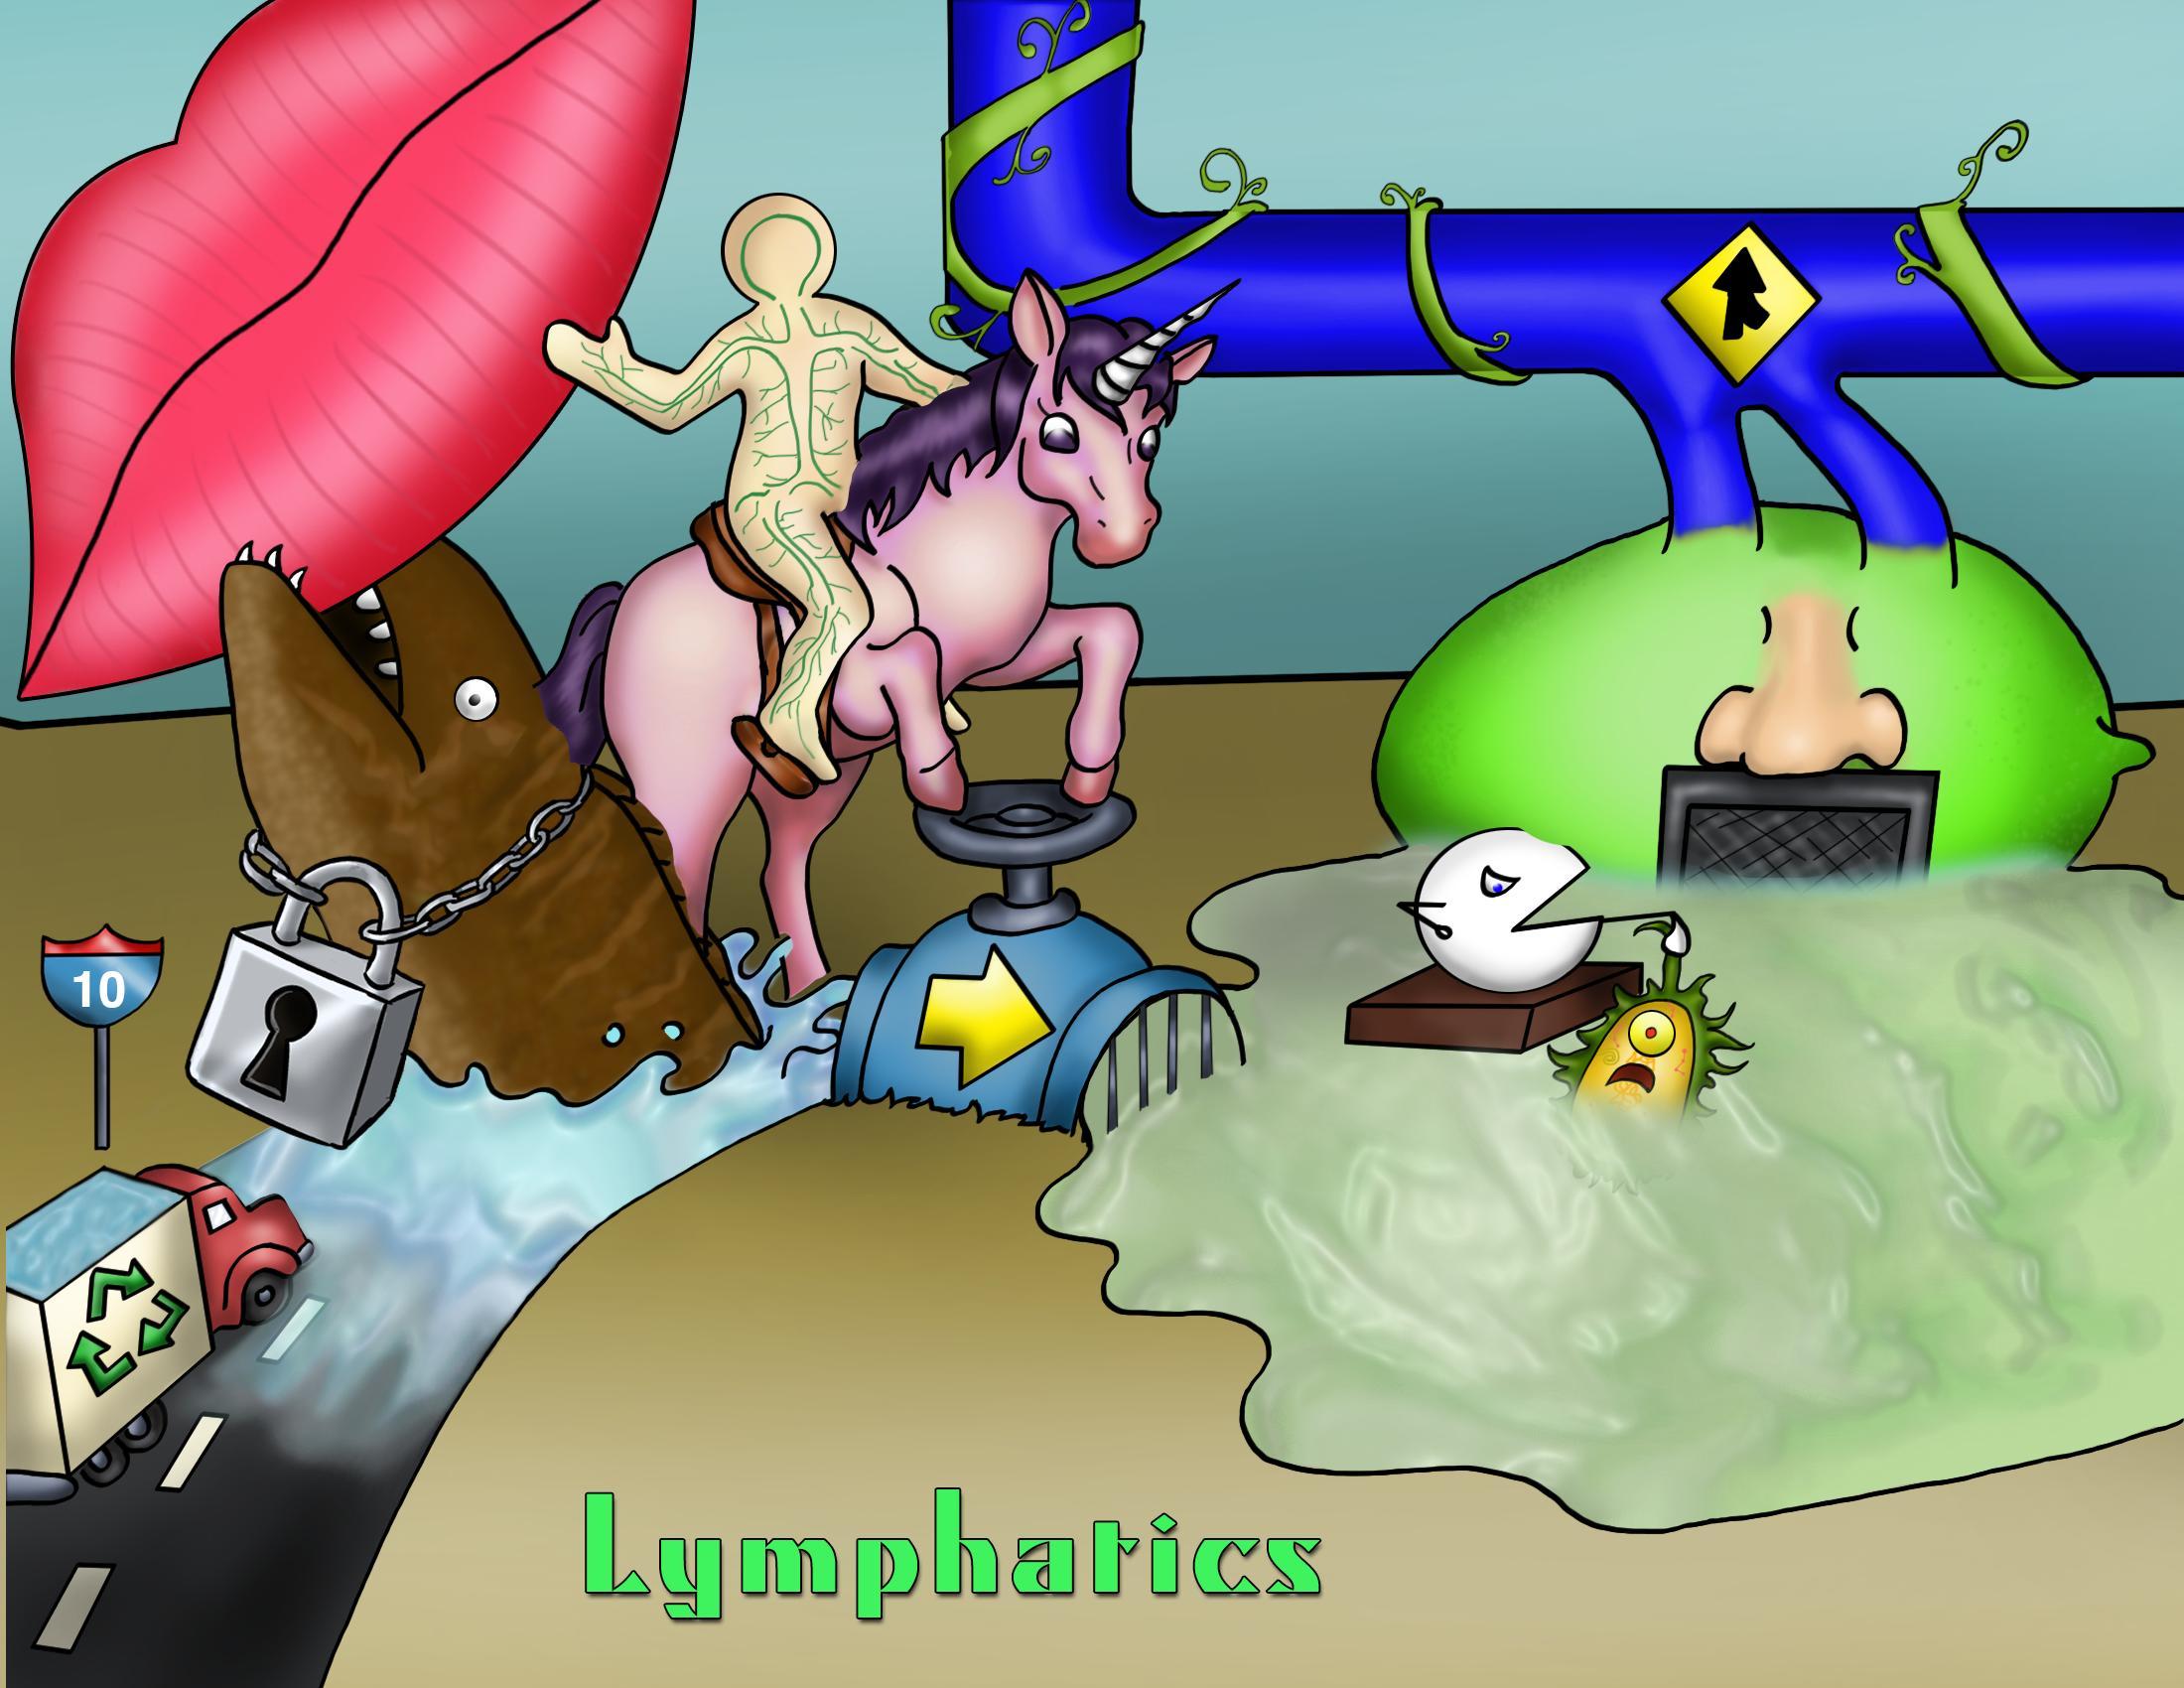 Lymphatics